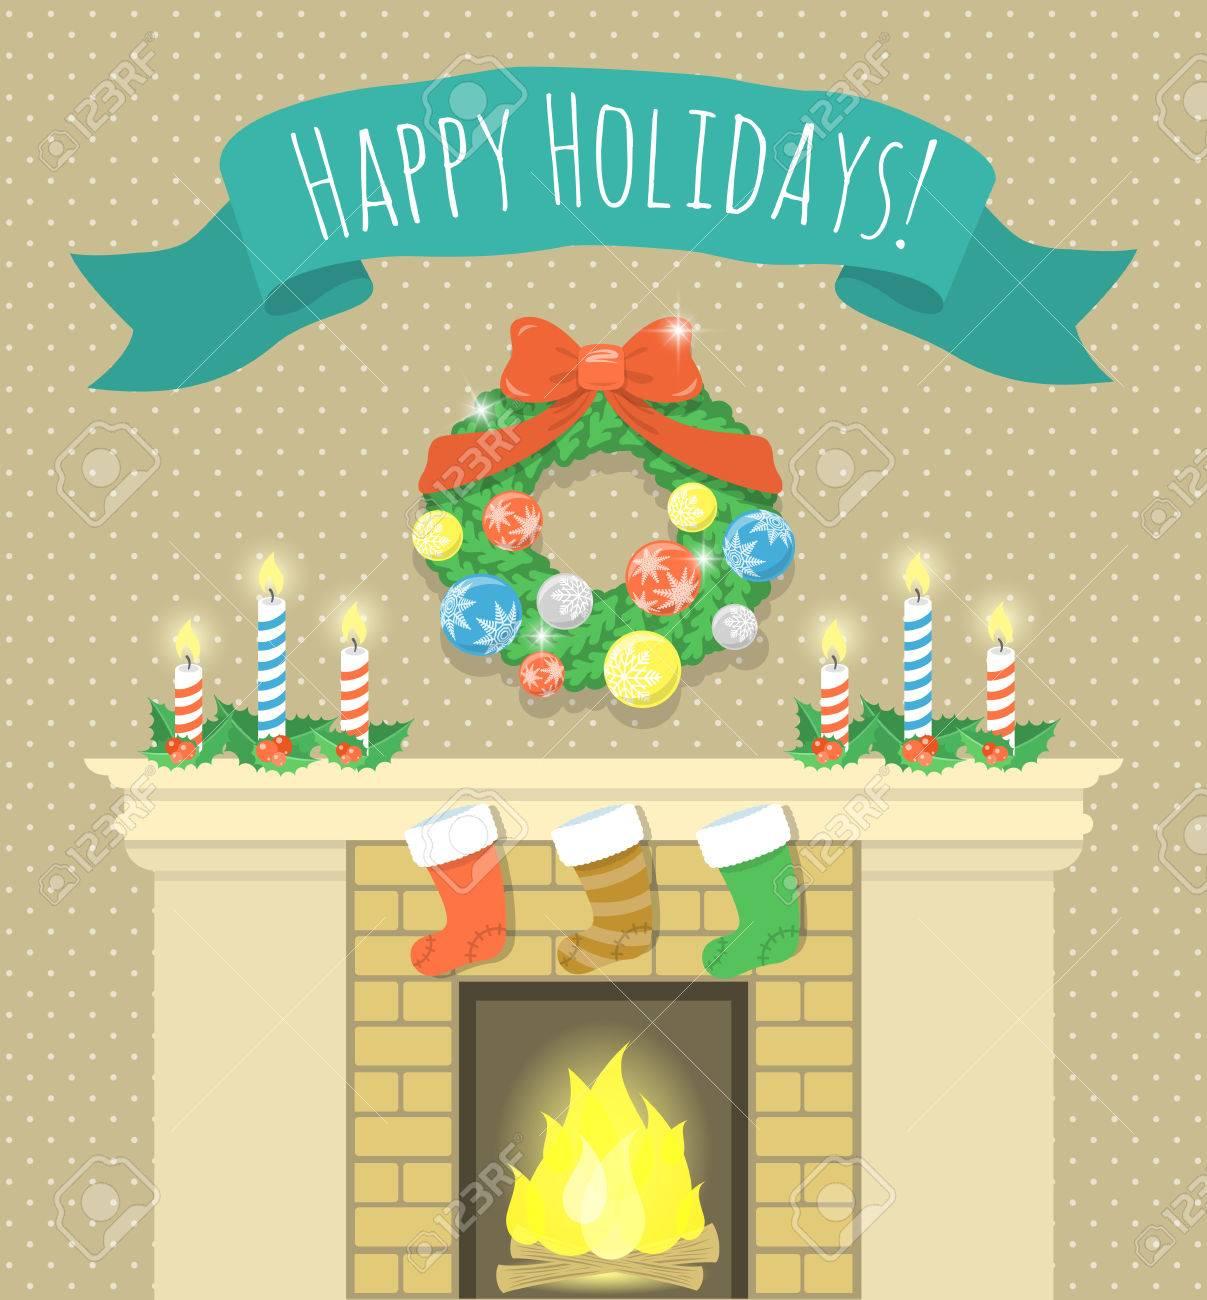 Dibujos Chimeneas De Navidad.Vector De Dibujos Animados Ilustracion Vacaciones De Navidad Chimenea Con Velas El Fuego Quema Calcetines Para Los Regalos Corona De Navidad Y La